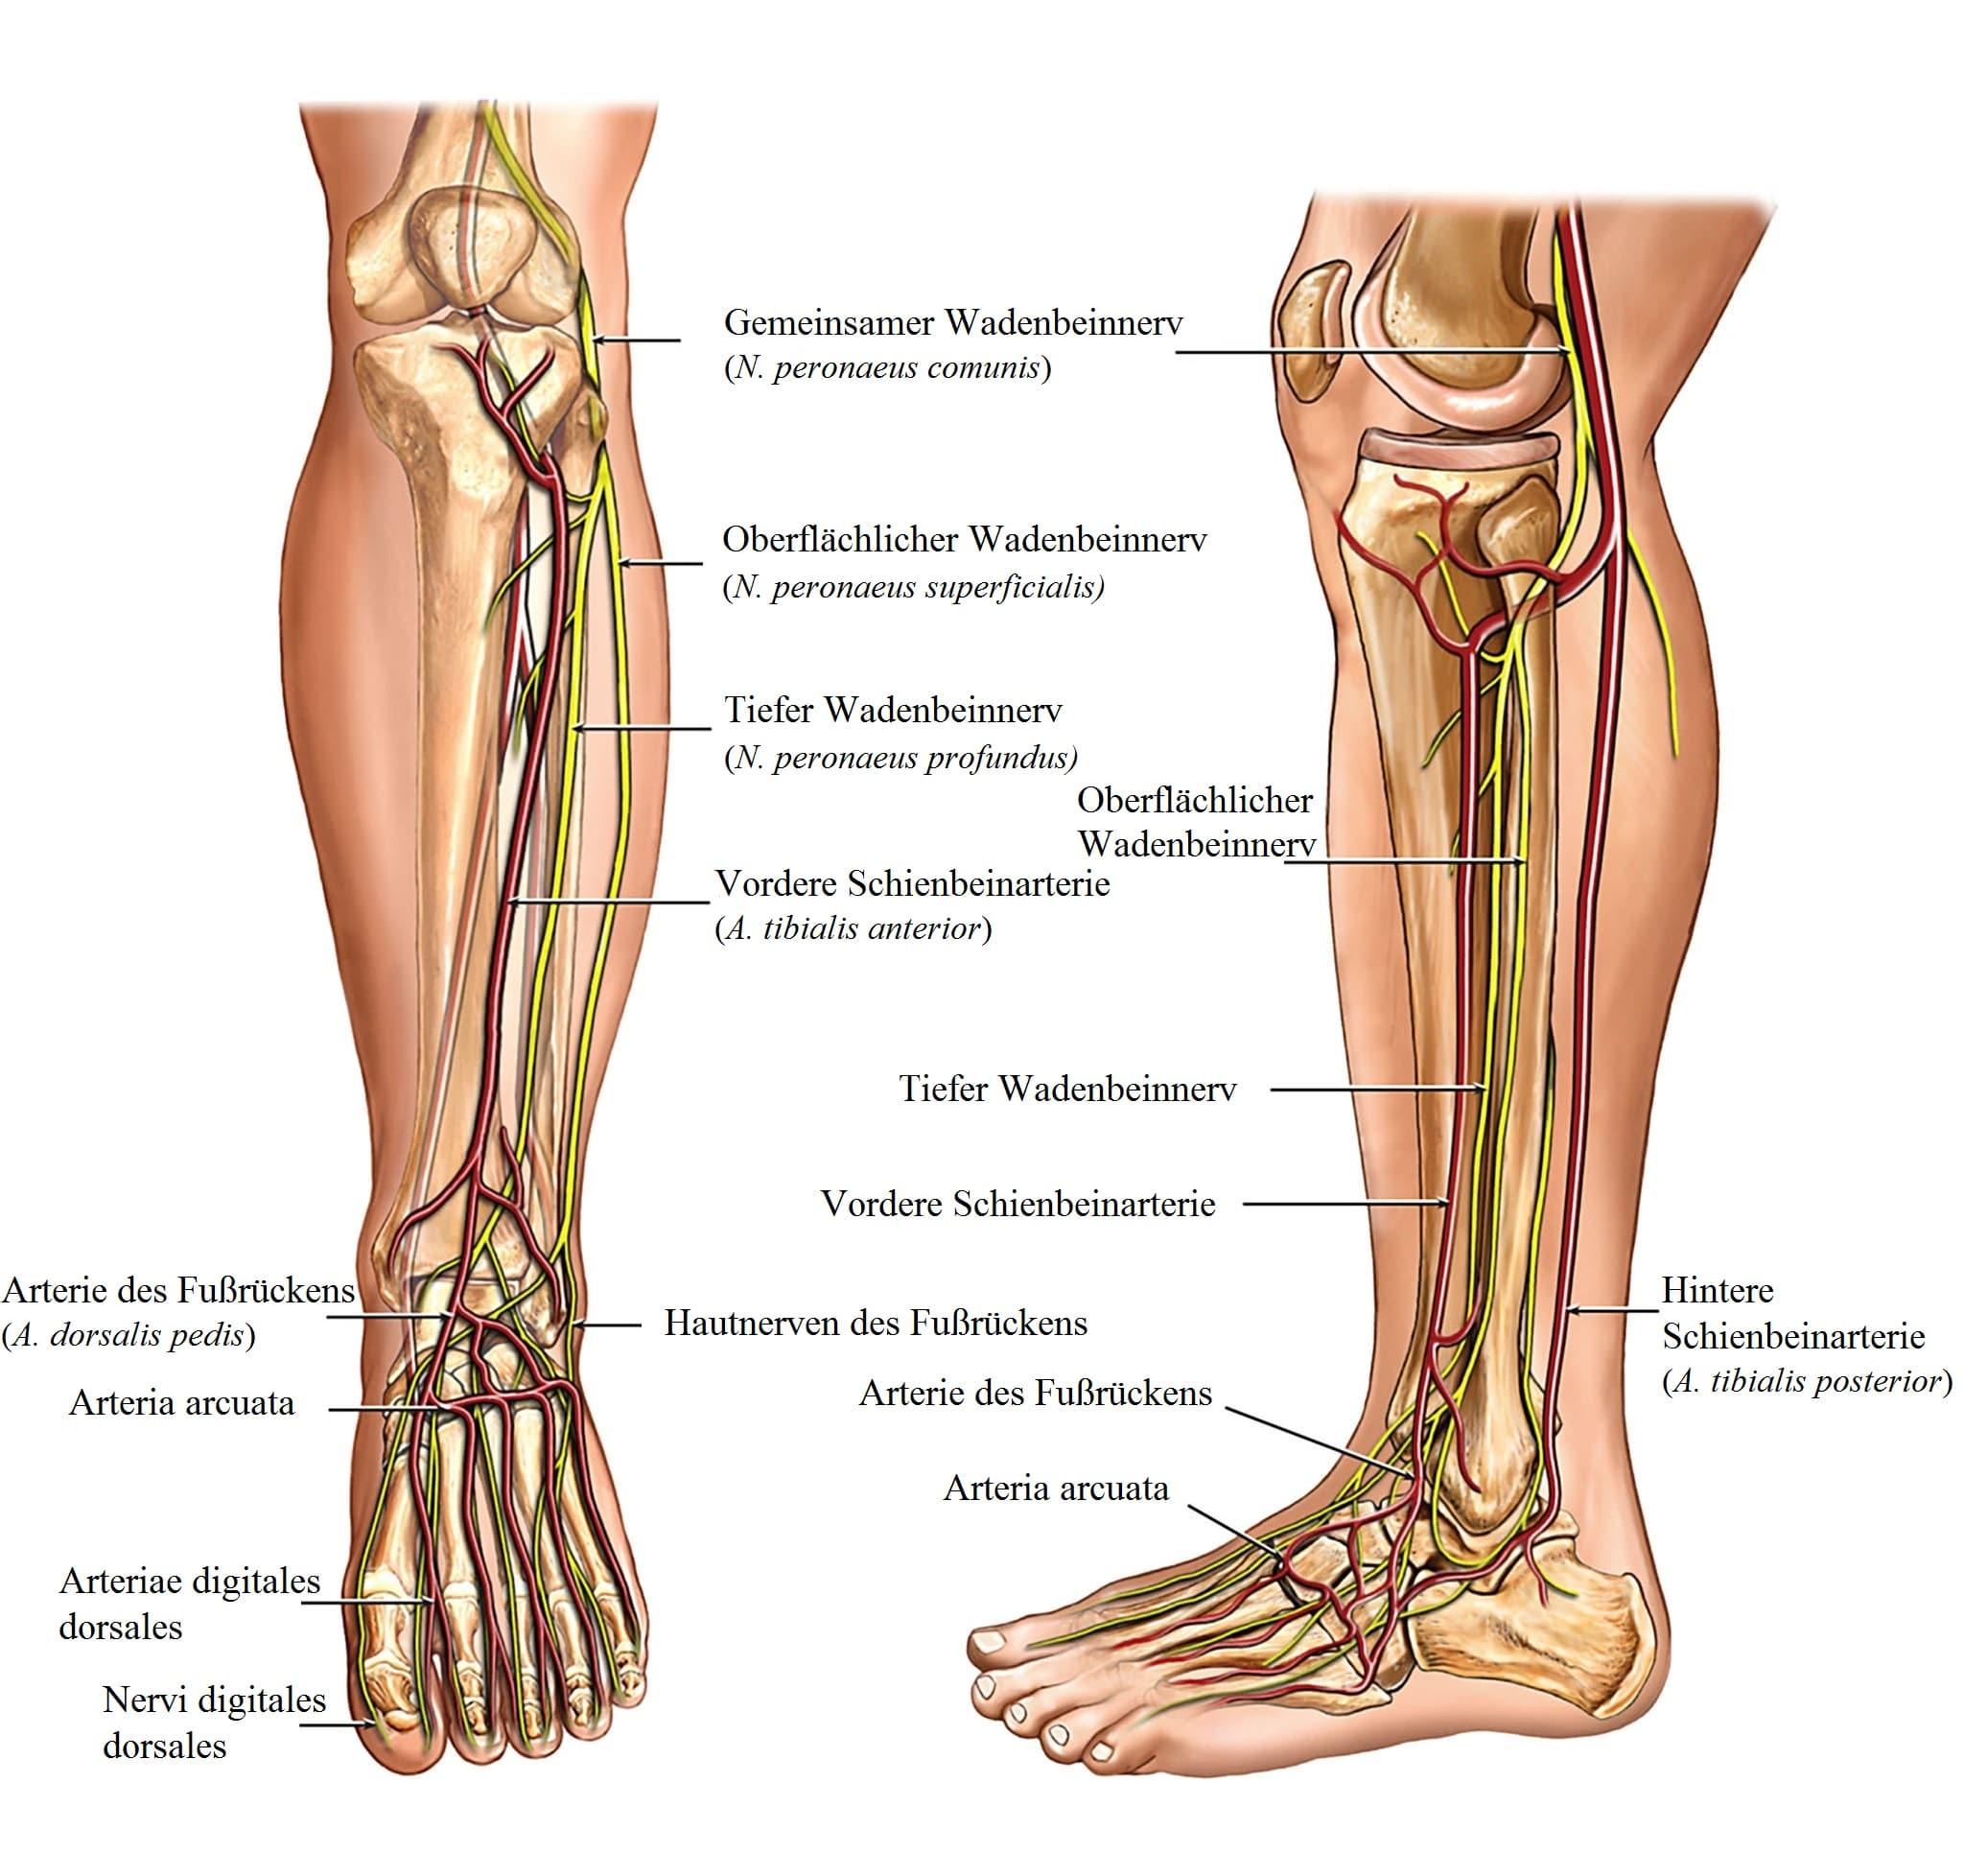 Anatomie, Bein, Nerven, Arterien